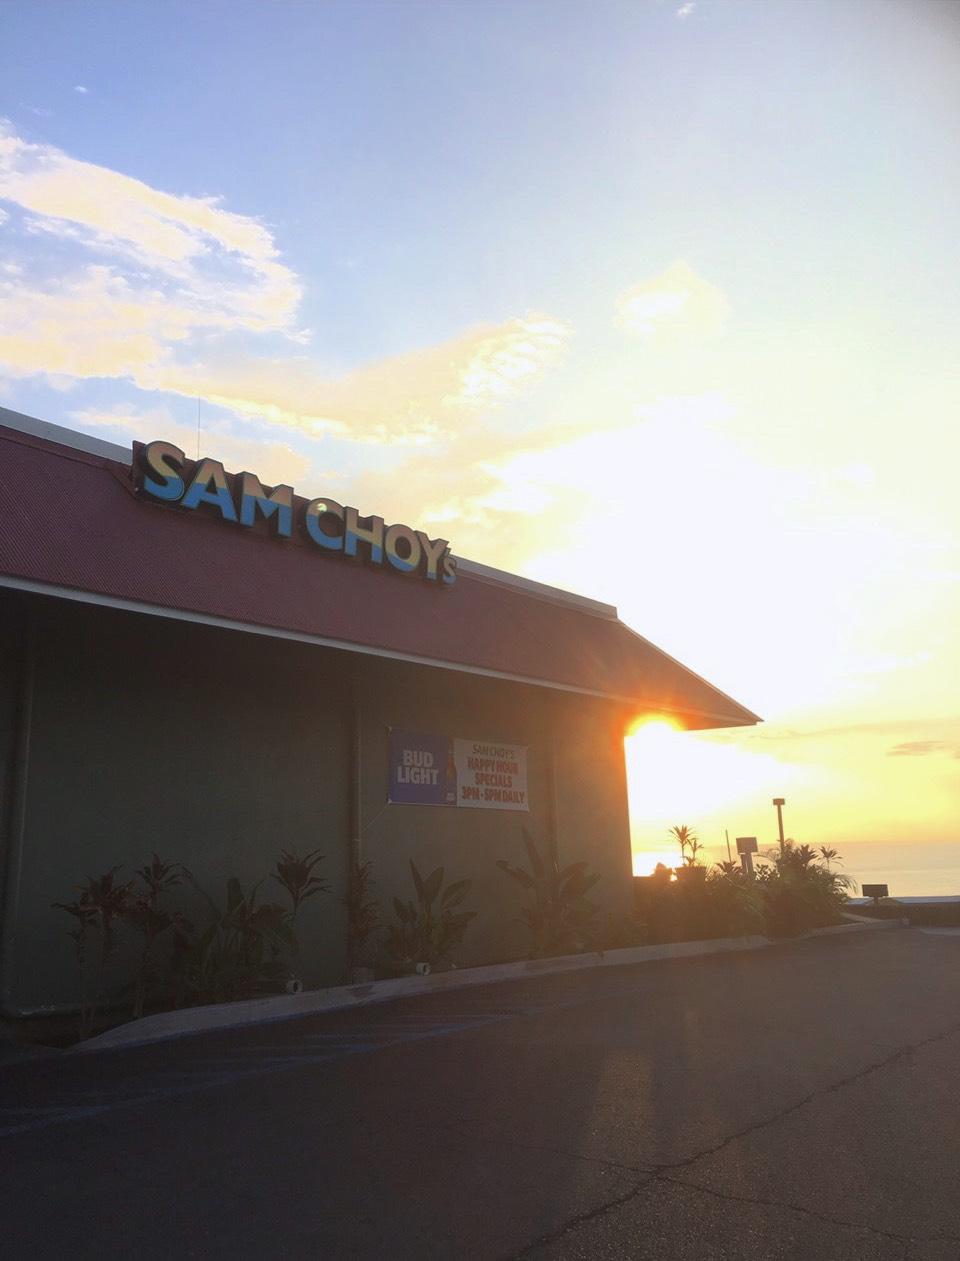 ハワイ島SAMCHOY's